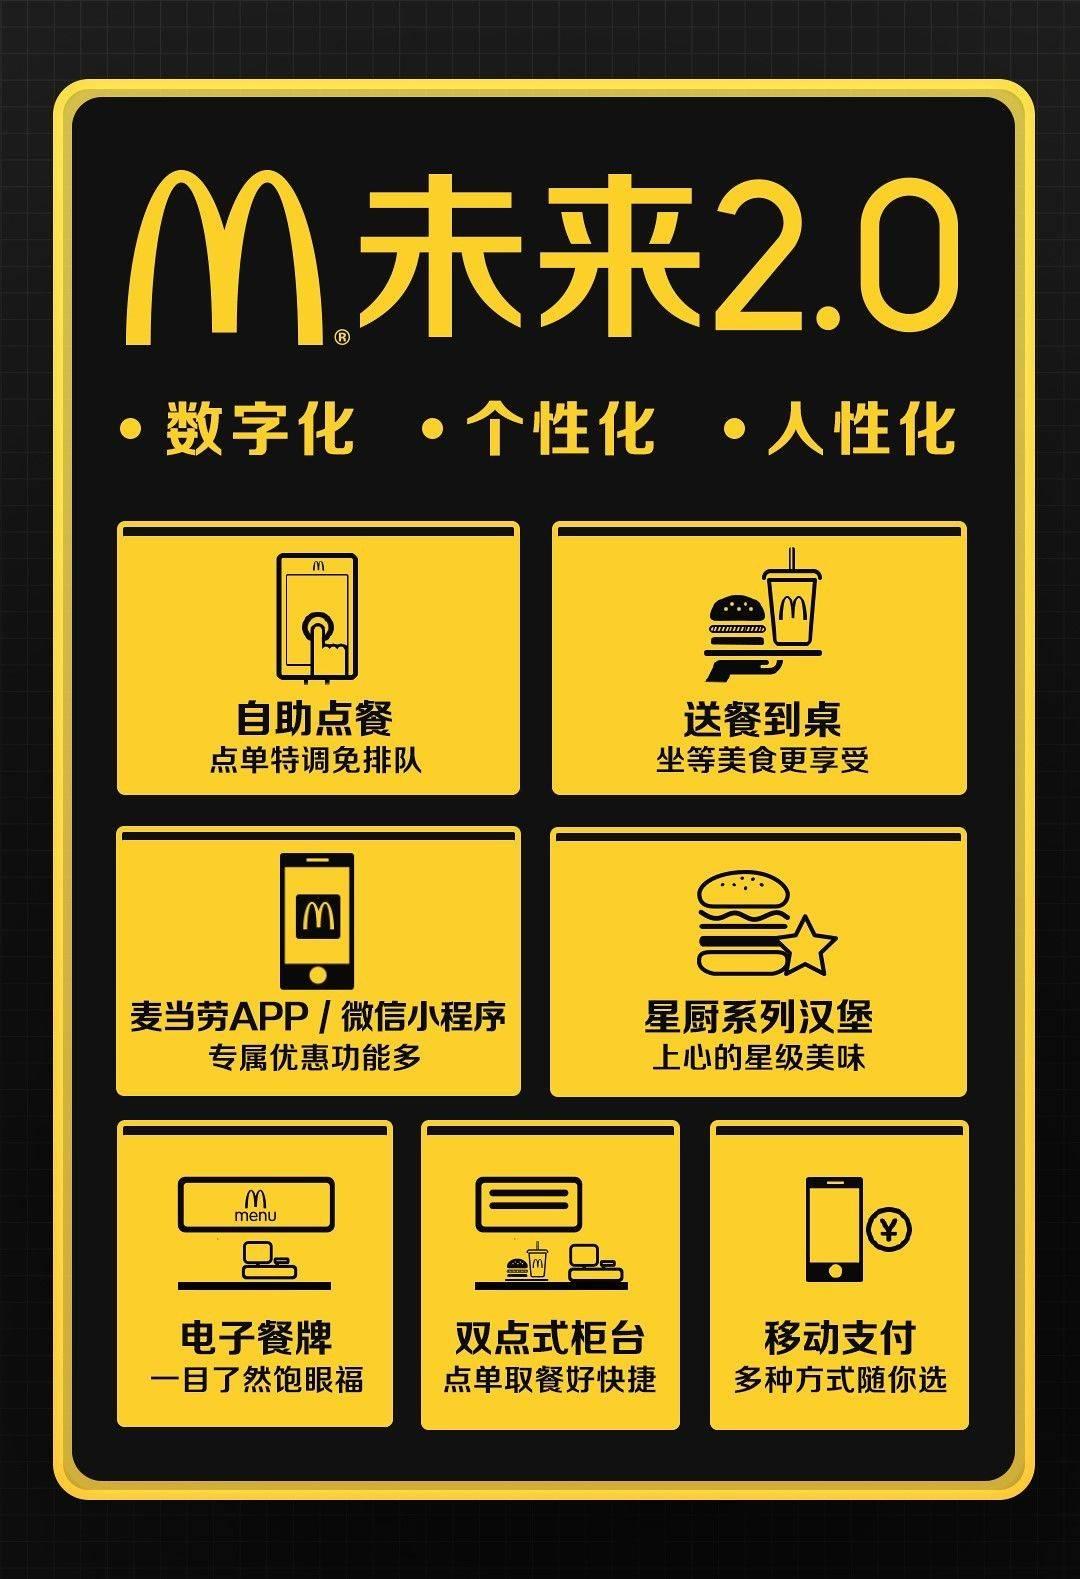 麦当劳.jpg